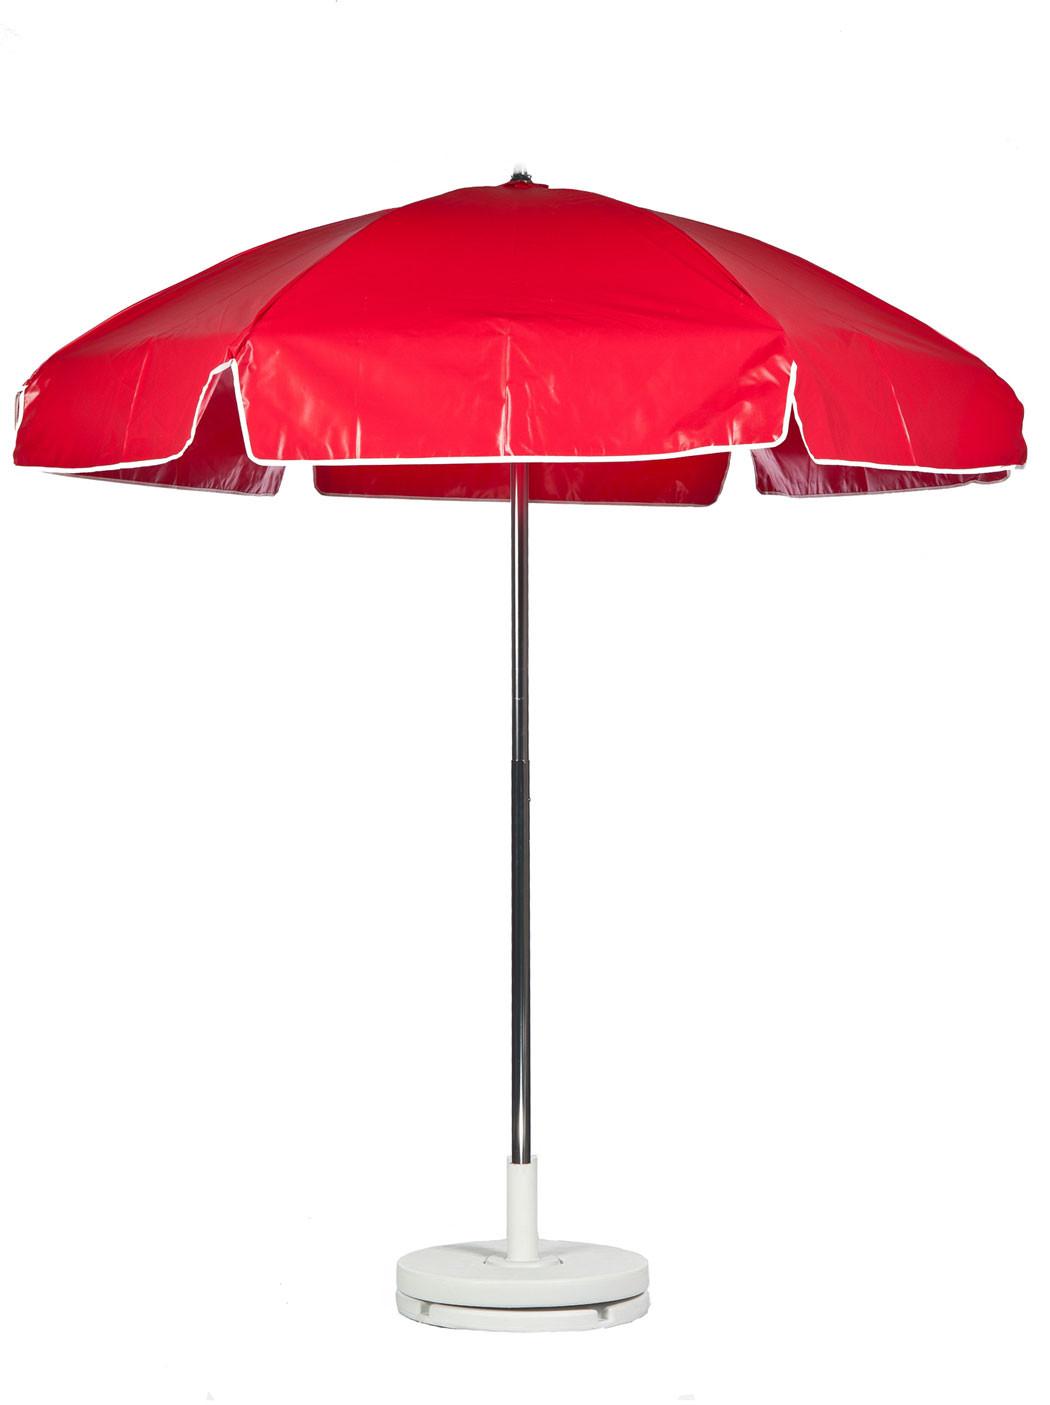 6.5' Diameter Steel Lifeguard Umbrella w 6-Panel Heavy Gauge Vinyl Cover